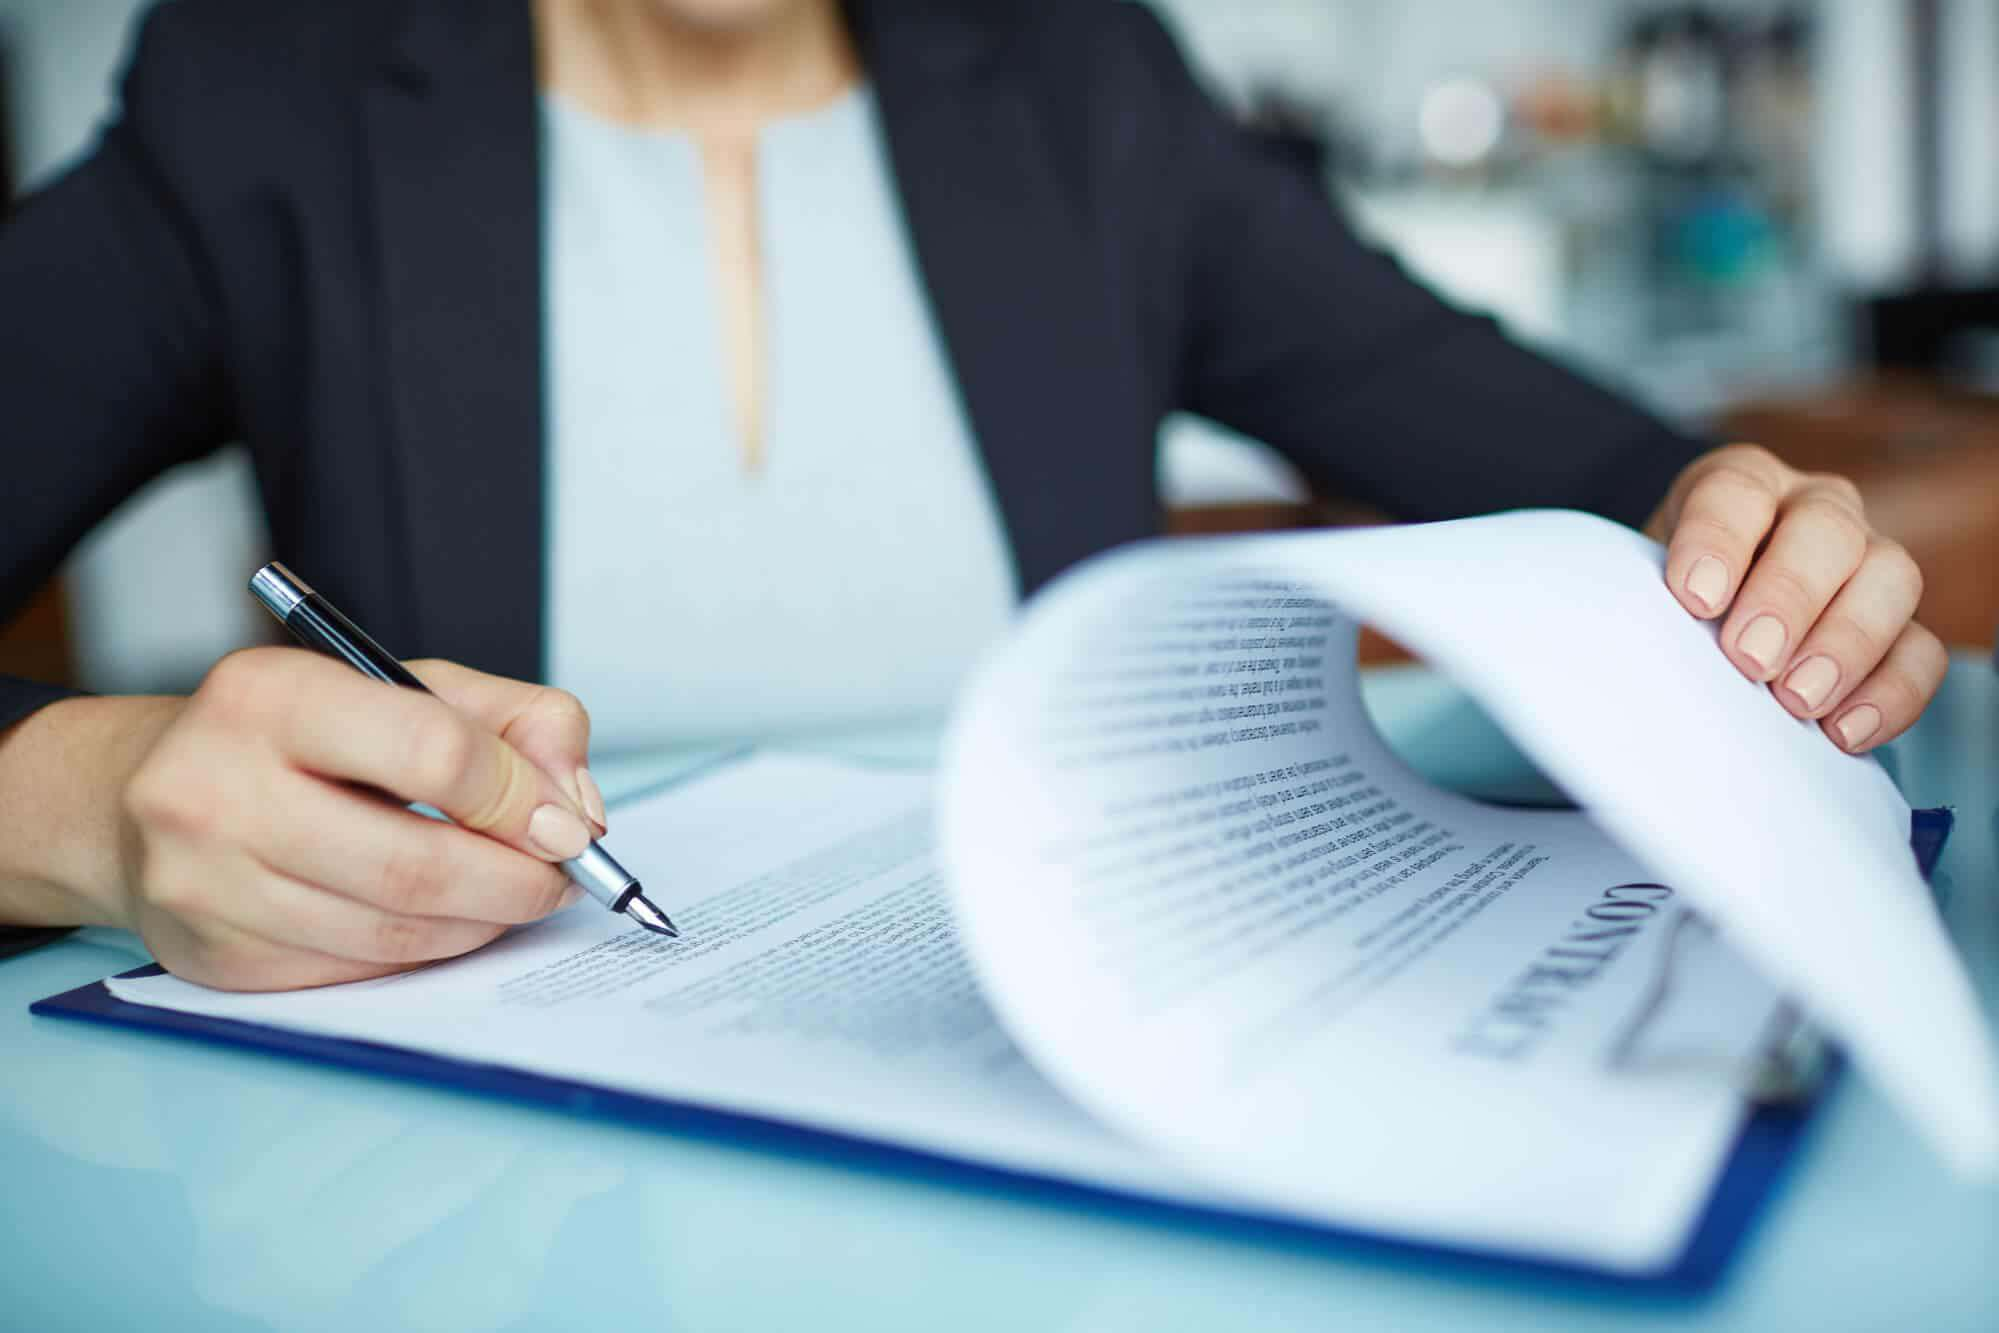 O direito de exercer atividade econômica de acordo com o desenvolvimento internacional – Decreto nº 10.229/2020